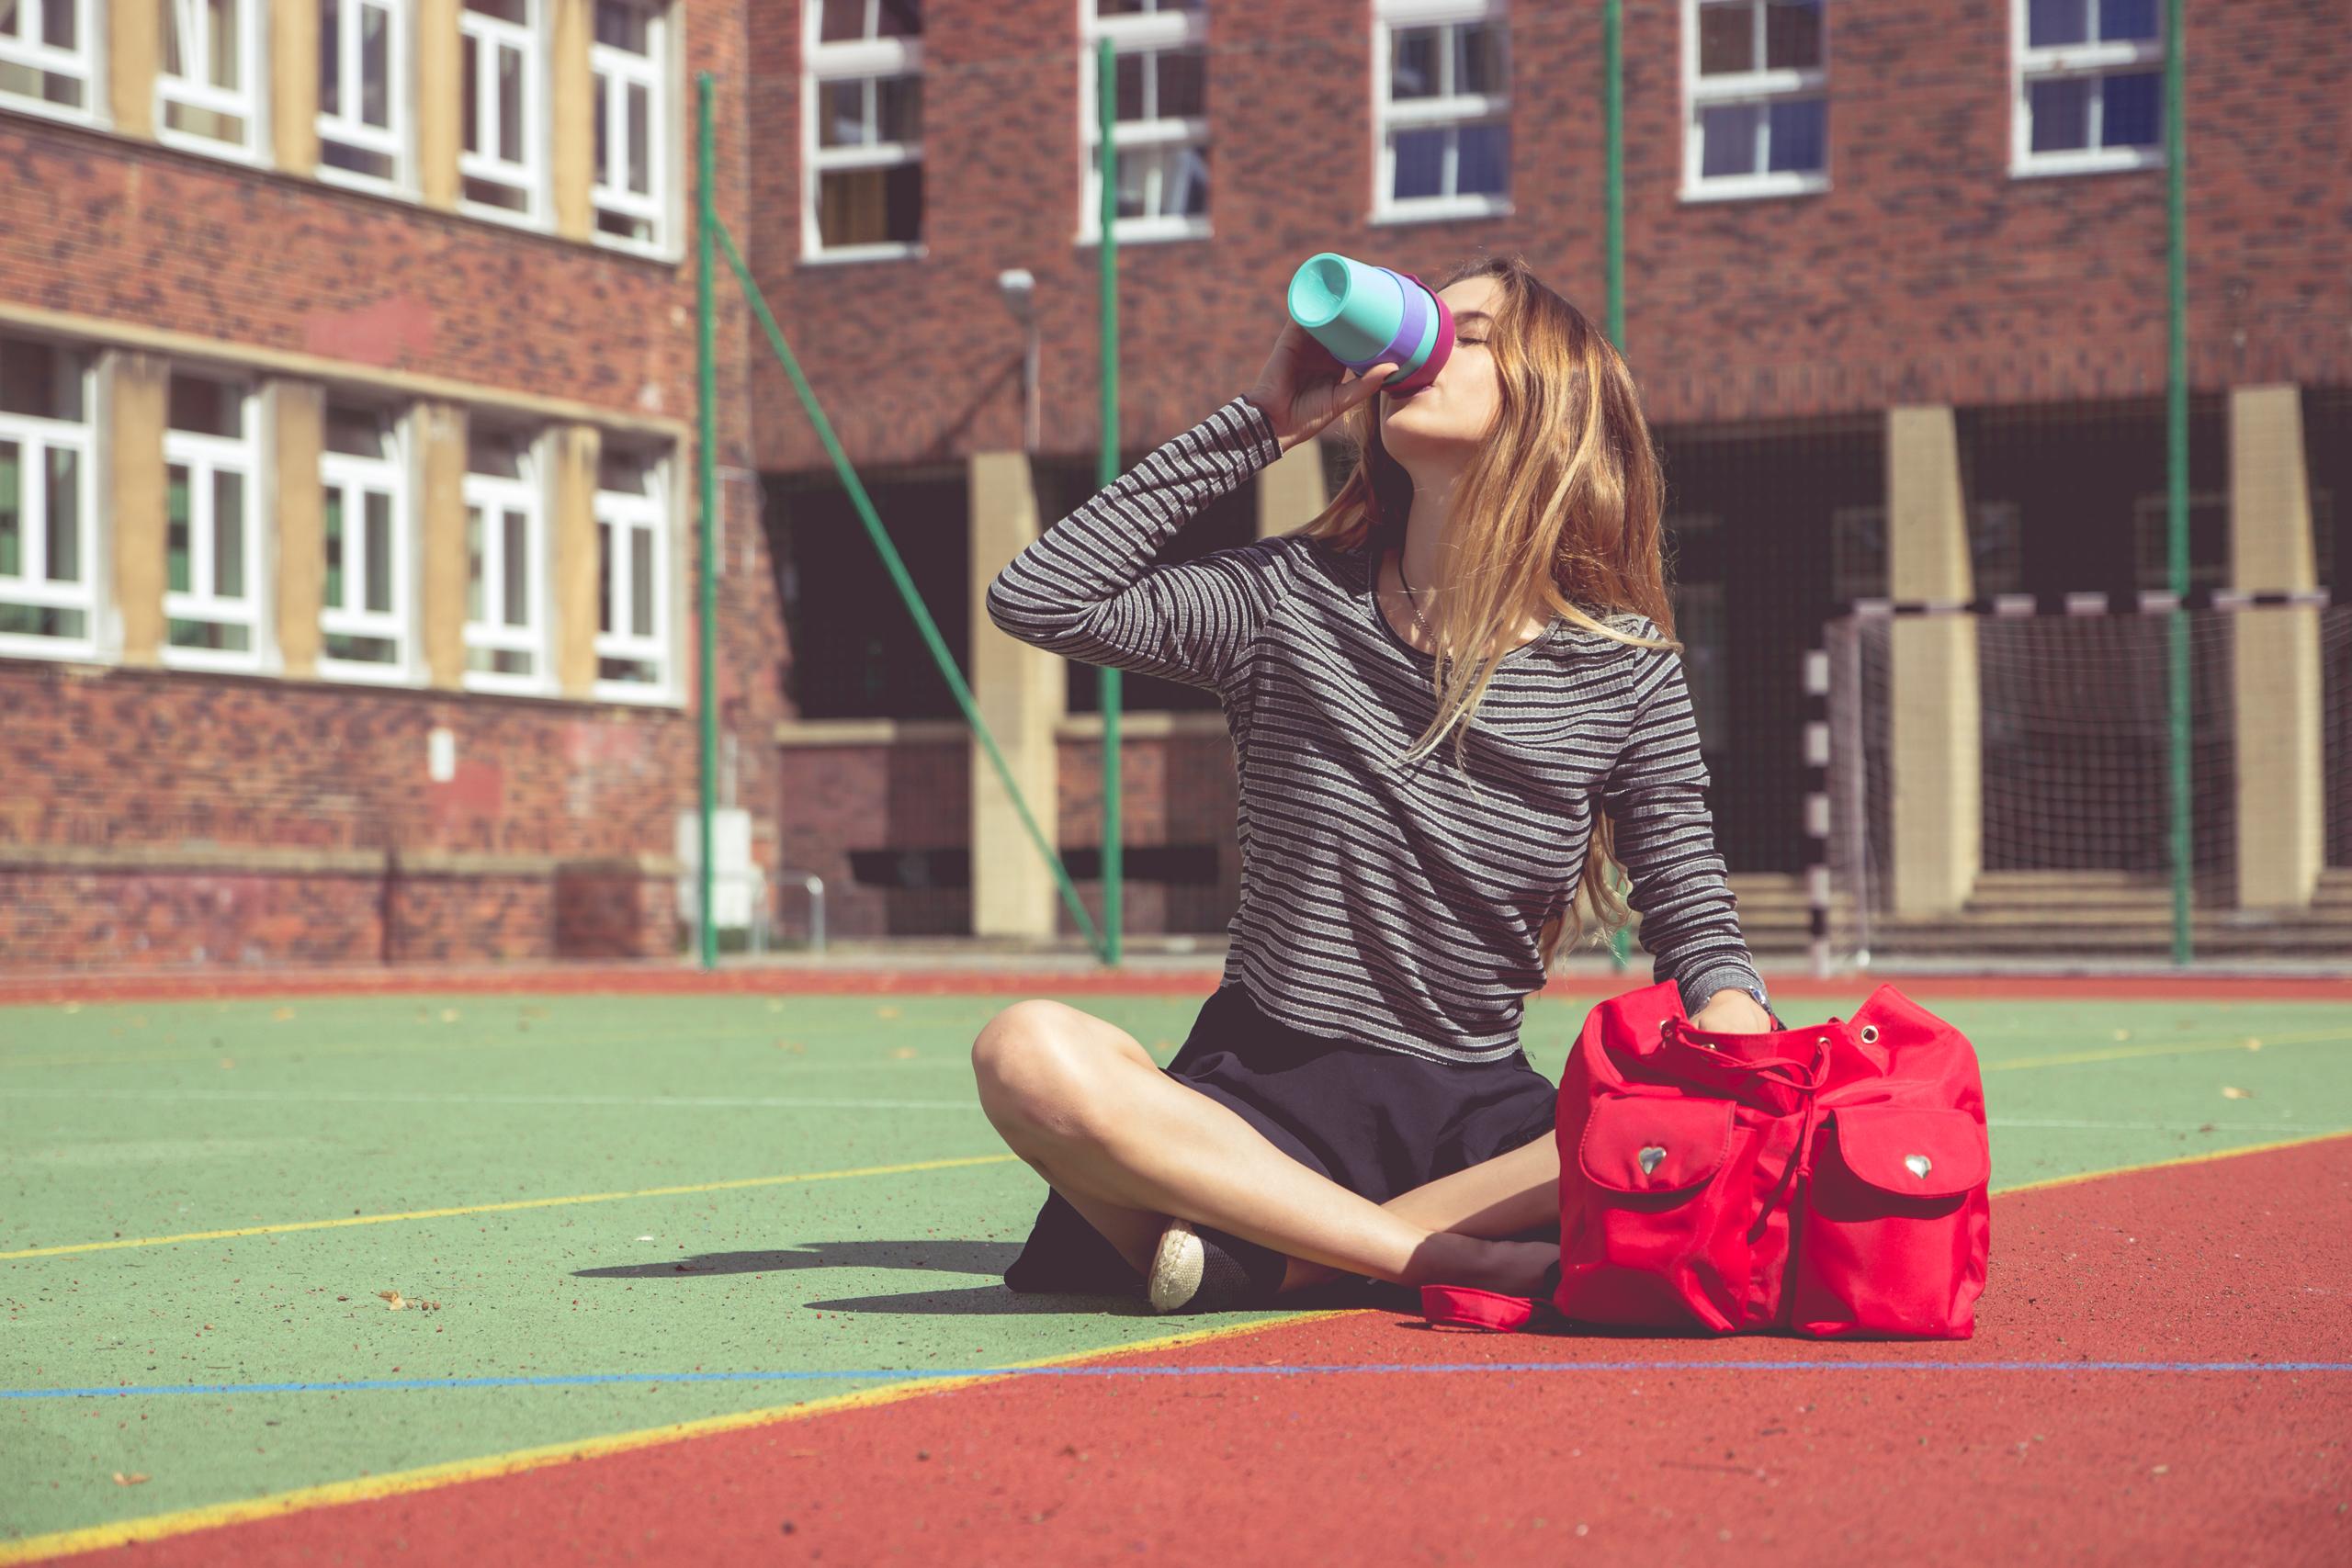 Dziewczyna z czerwonym plecakiem siedzi na boisku szkolnym i piję kawę z niebieskiego kubka